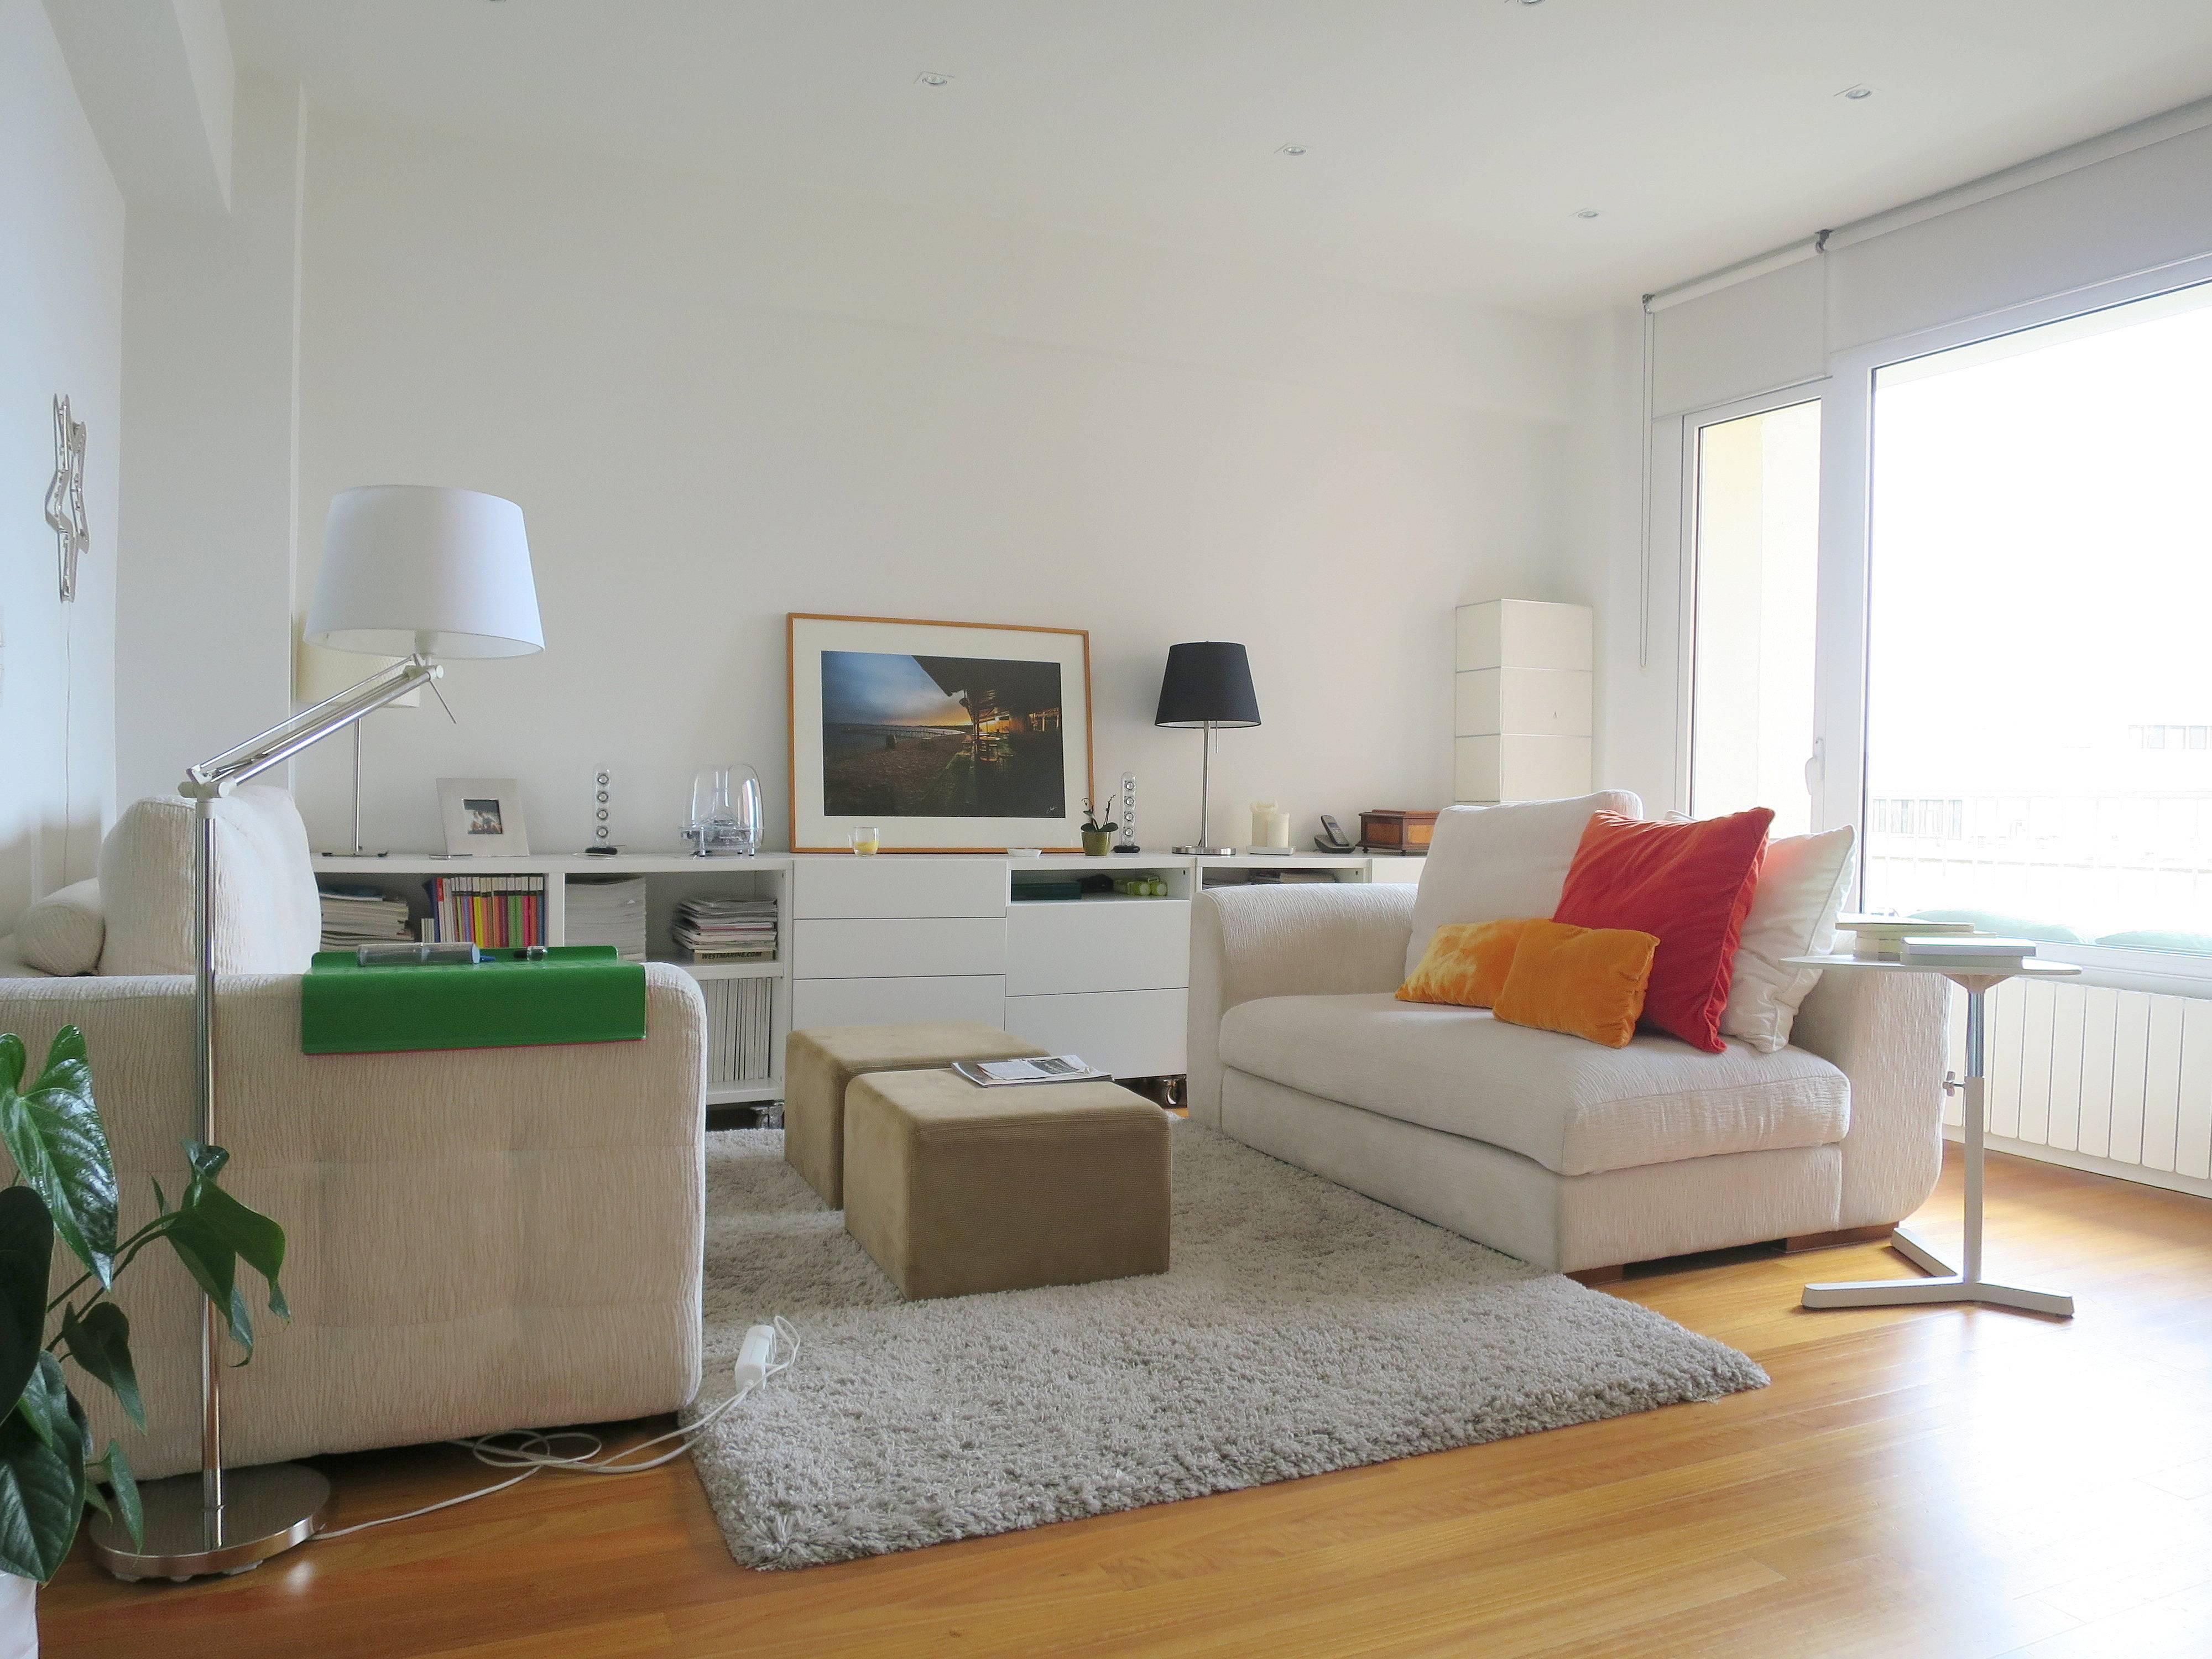 Apartamento de 3 habitaciones en santander centro for Habitaciones familiares santander